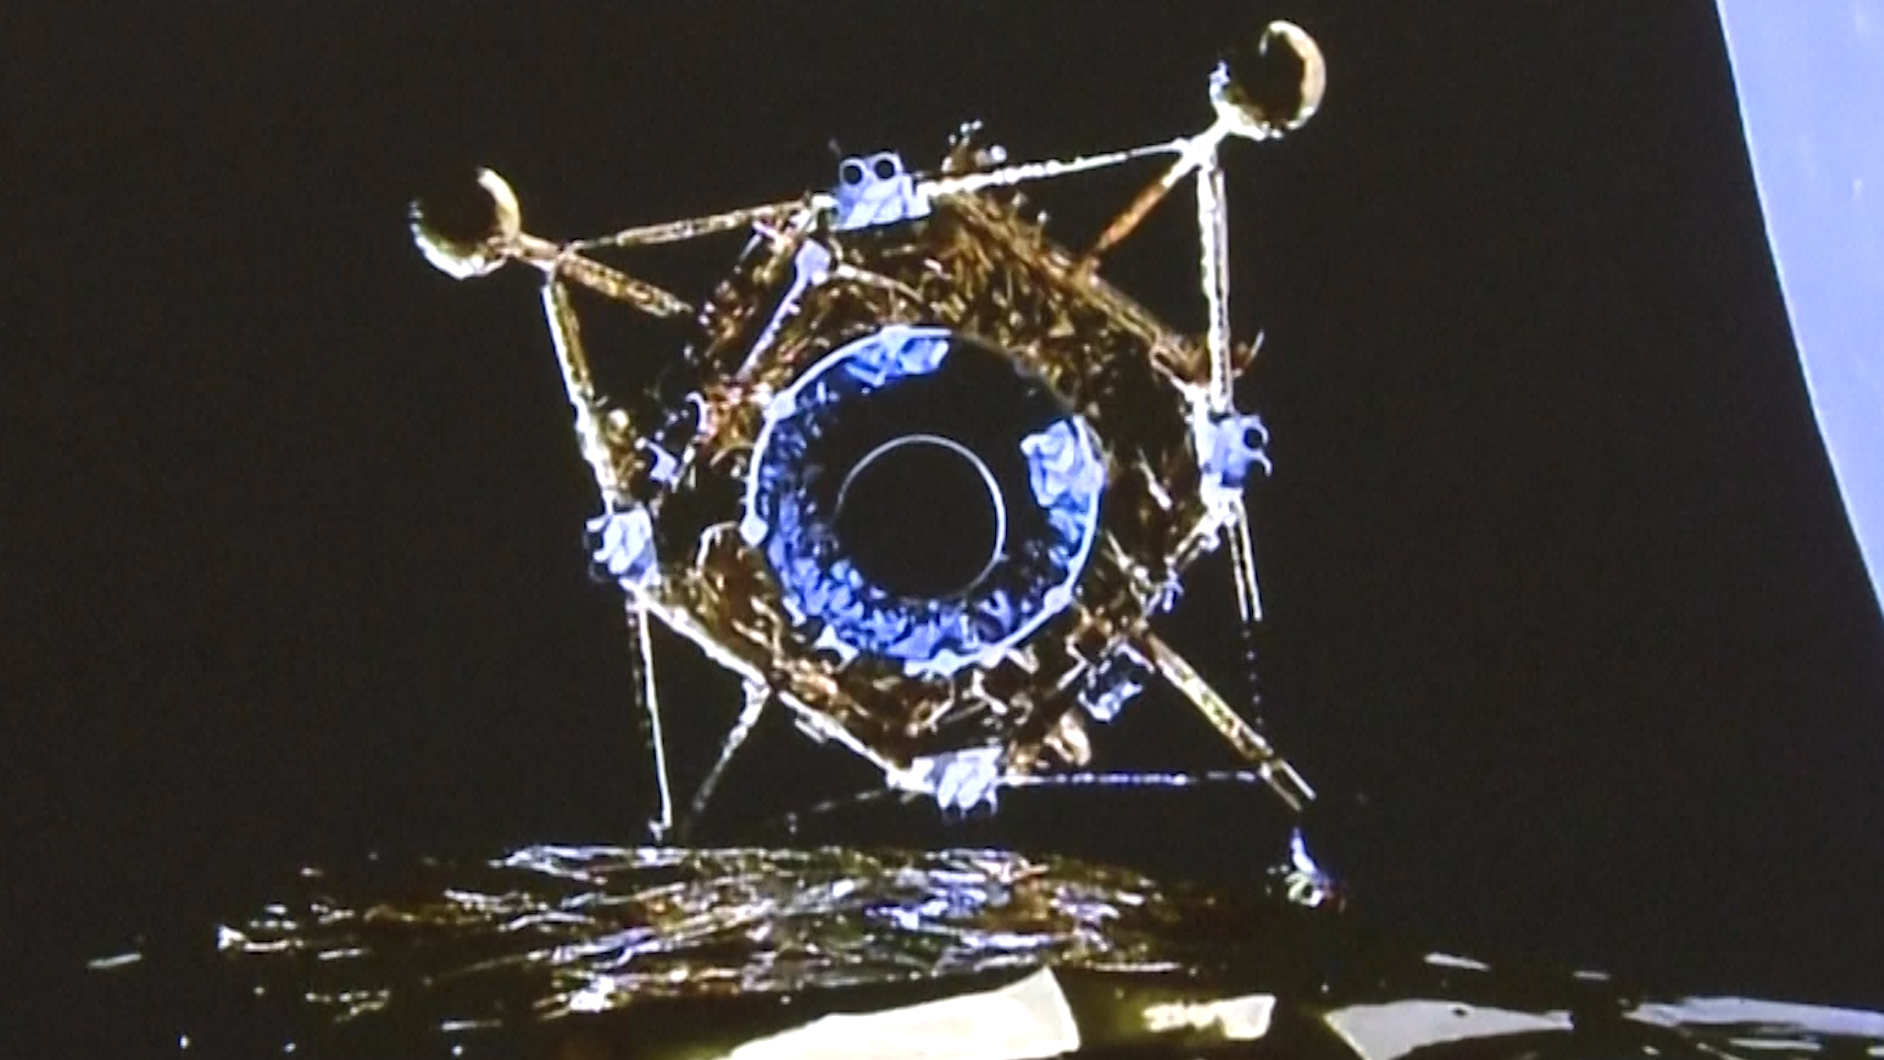 L'atterrisseur lunaire et le véhicule d'ascension Chang'e 5 de la Chine se séparent de son orbiteur / véhicule de retour tôt le 30 novembre 2020, heure de Beijing, avant un atterrissage dans l'océan des tempêtes de la lune pour une mission de retour d'échantillons lunaires.